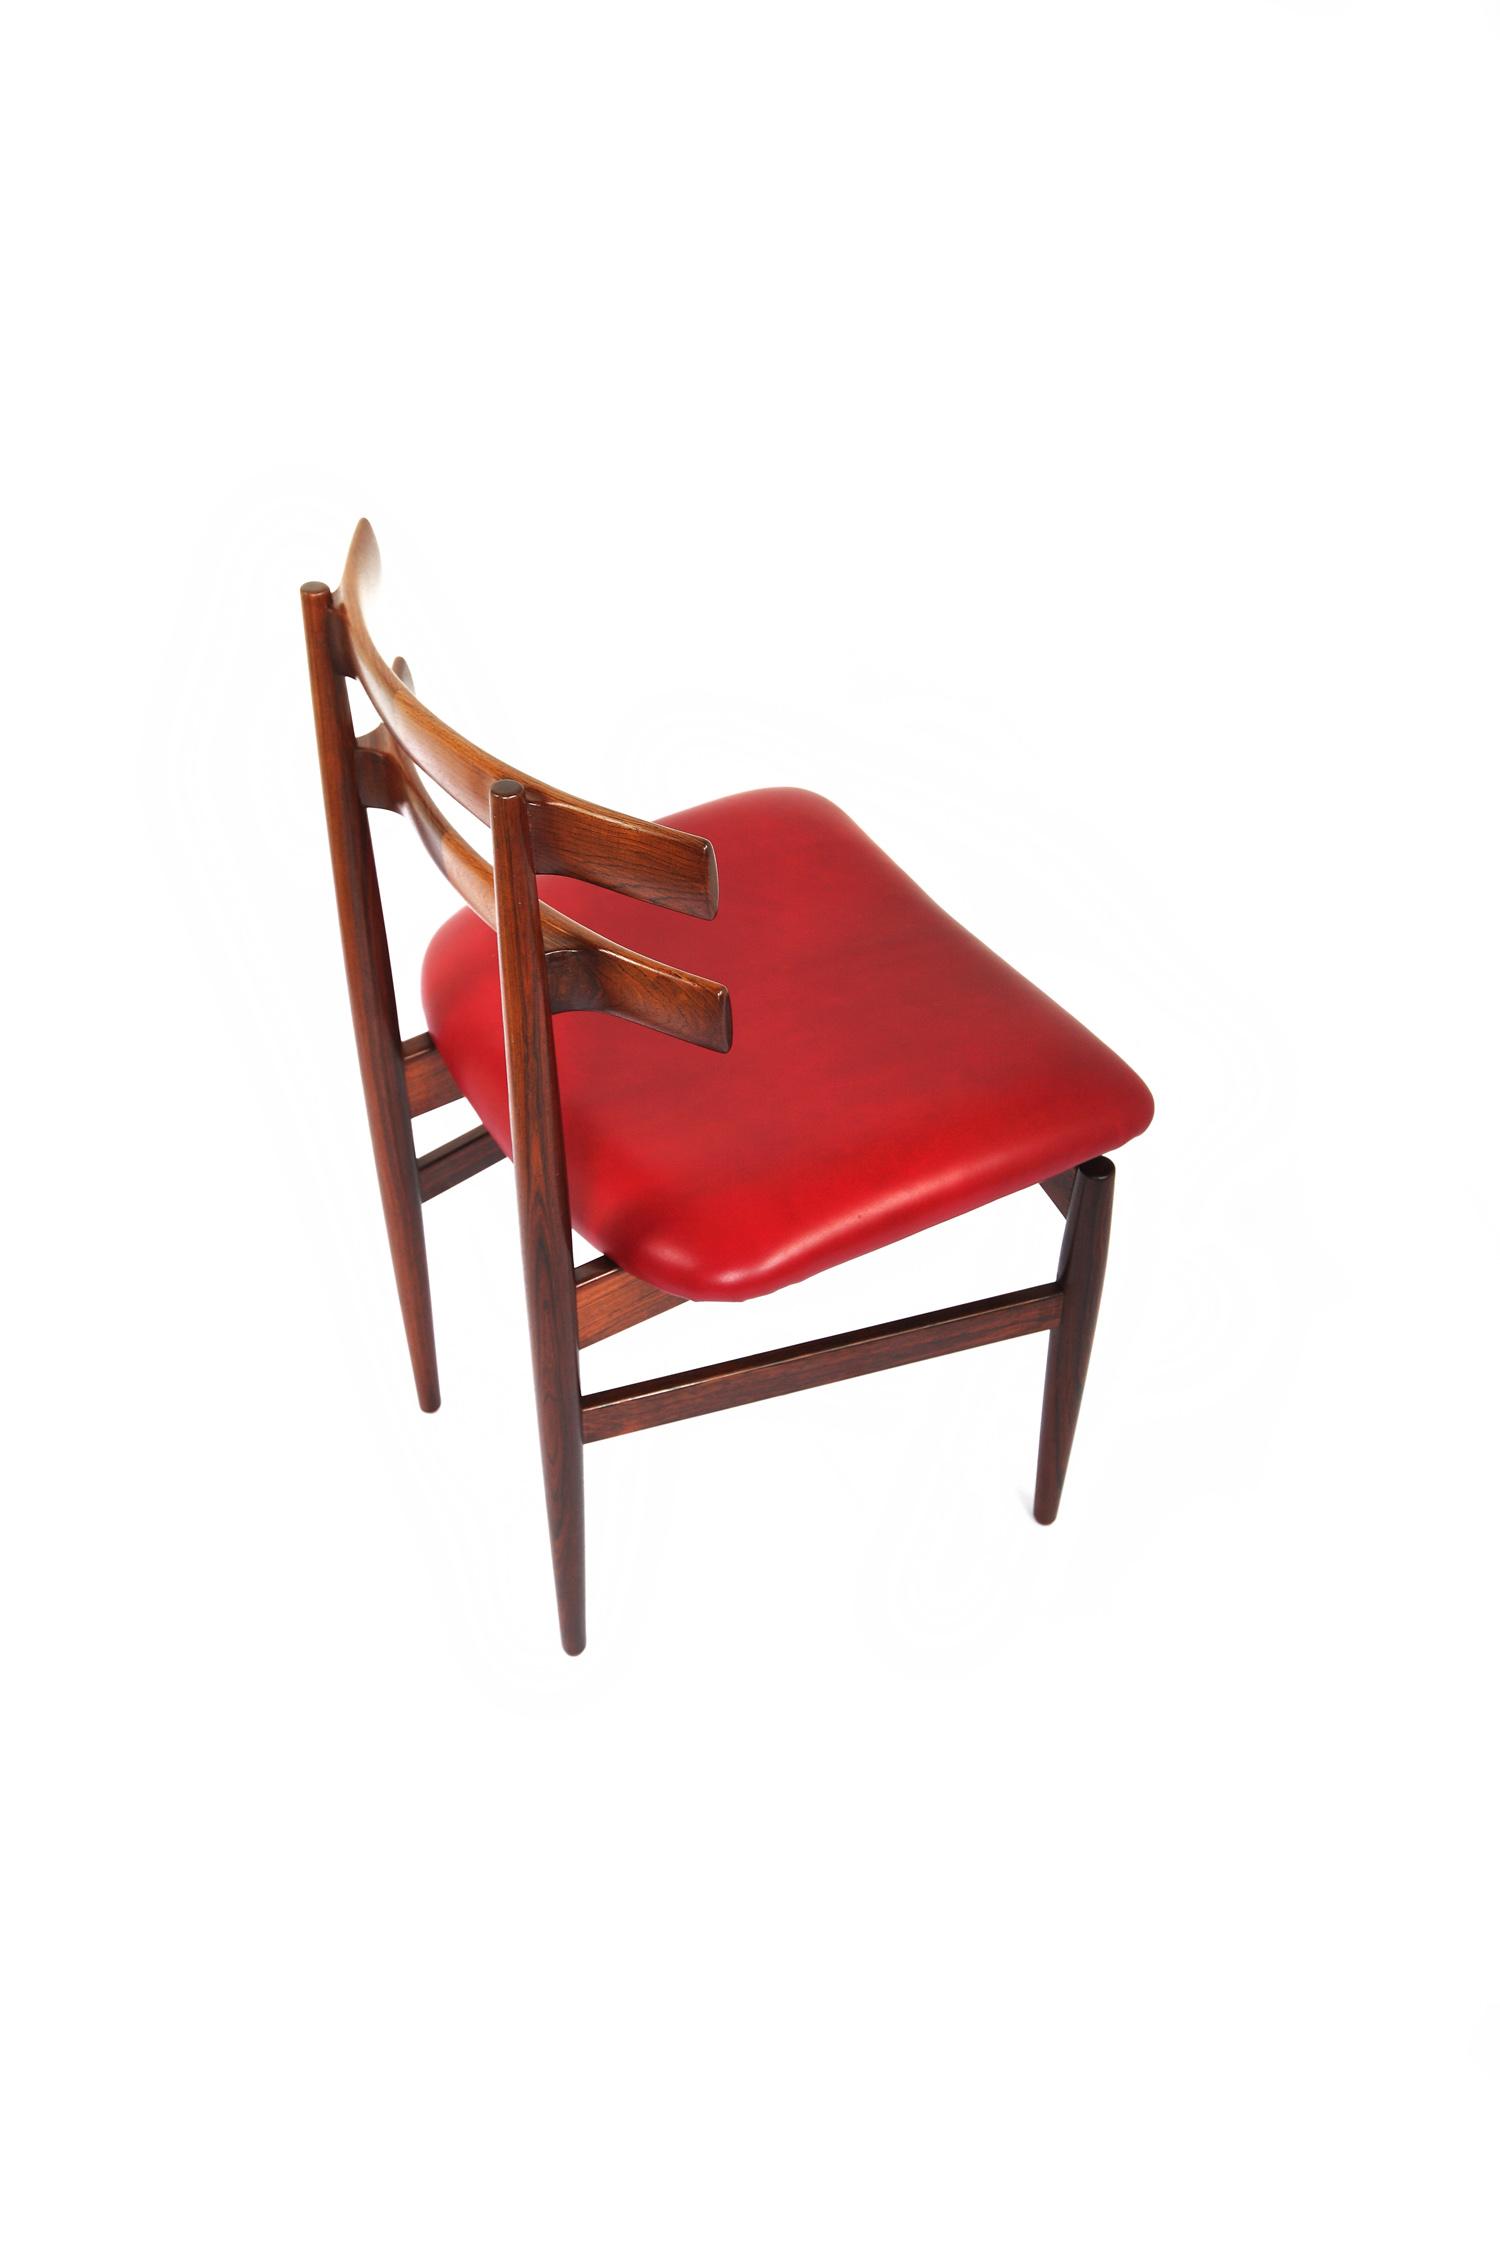 Kristiansen 1963 dining chair4_resize.jpg